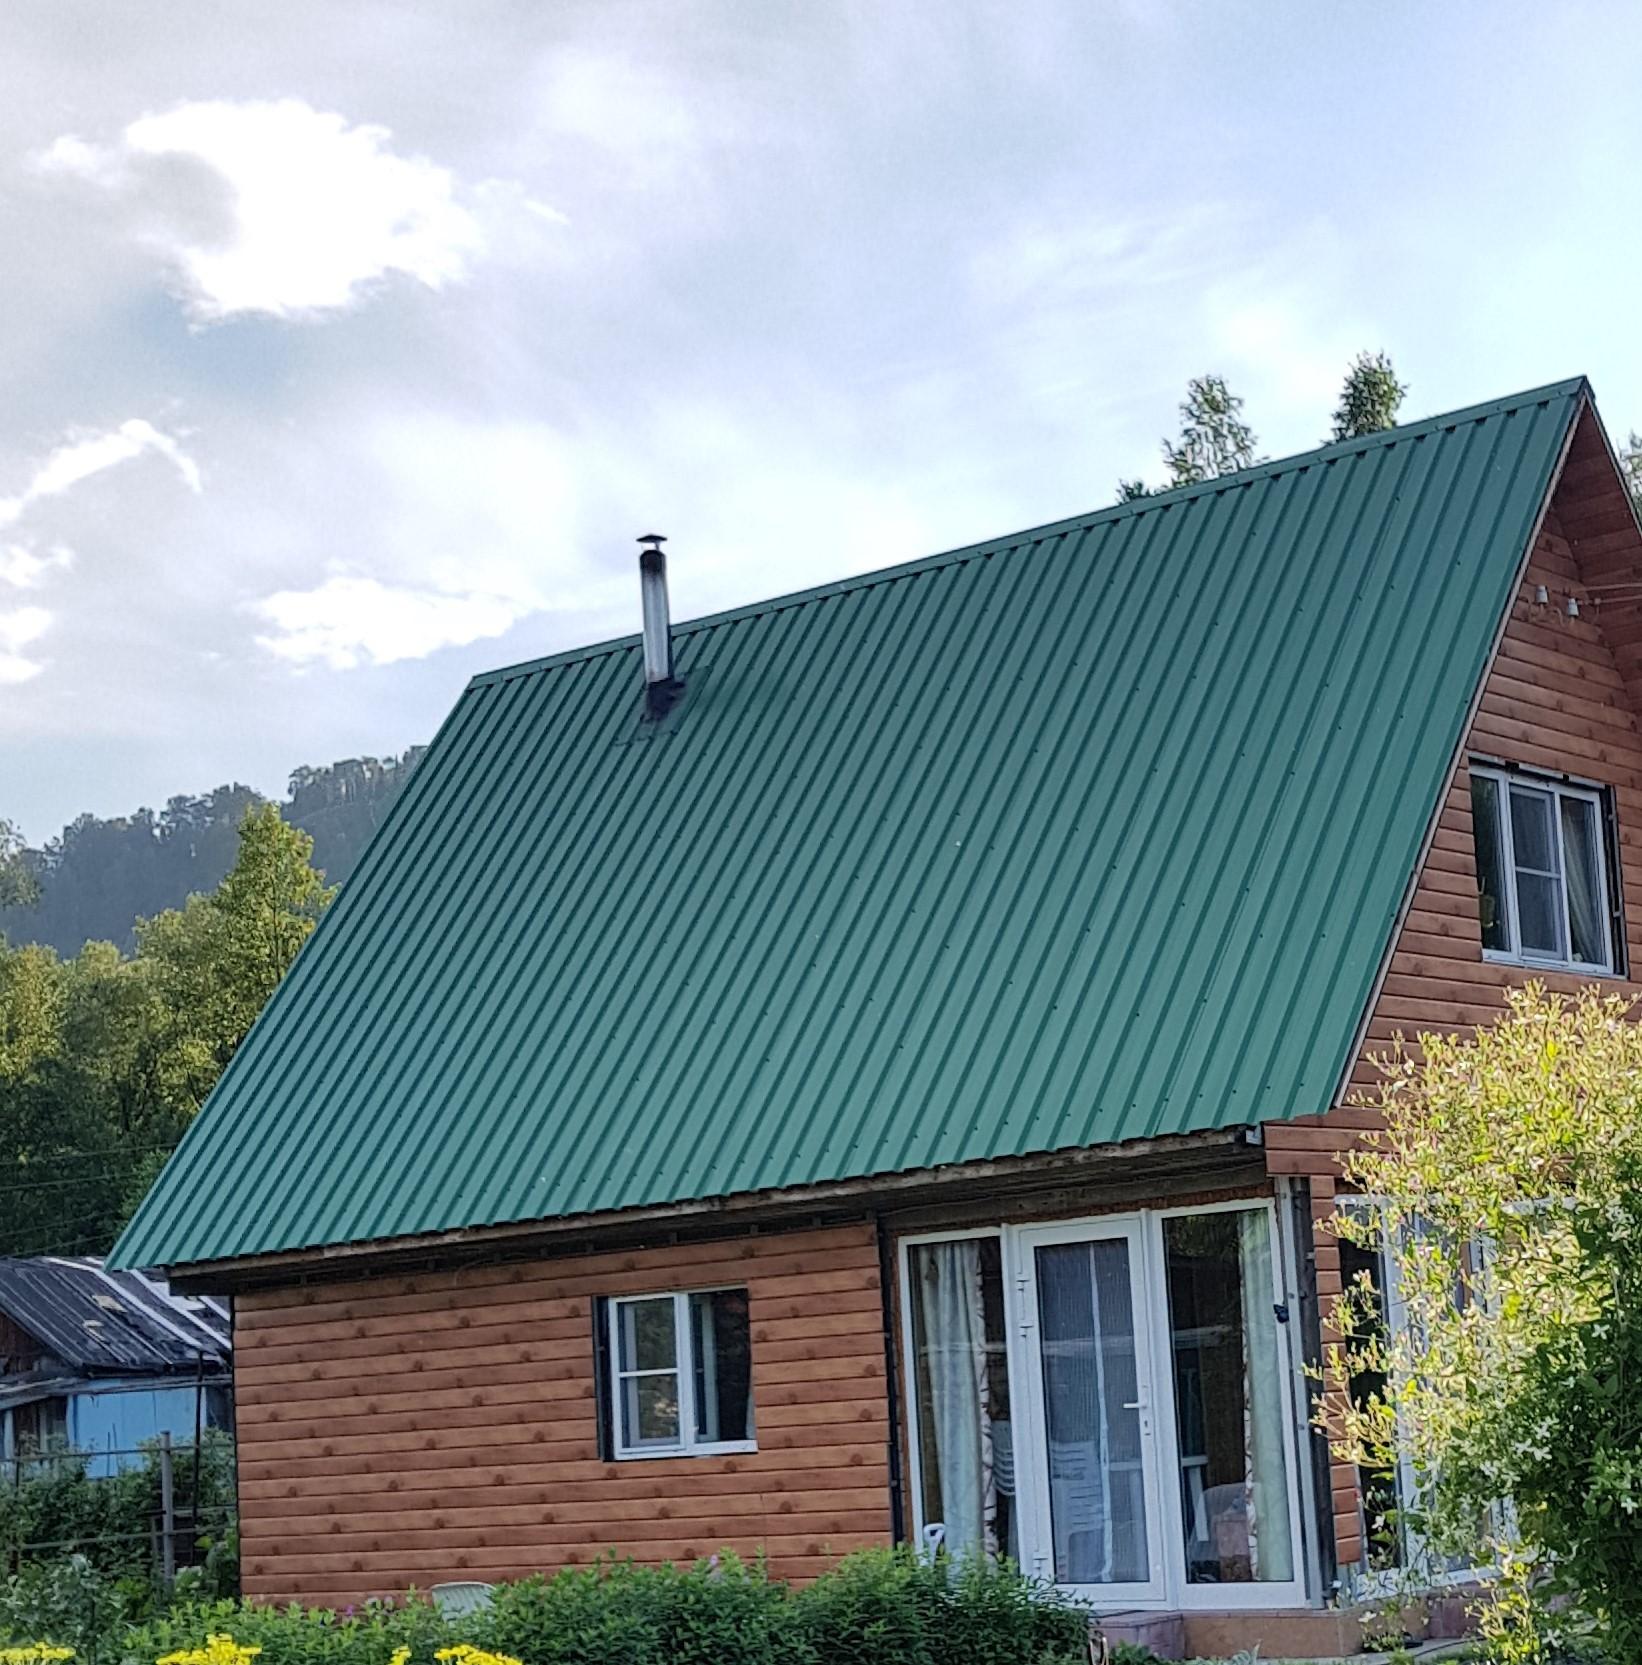 металлочерепица зеленый мох фото домов печать